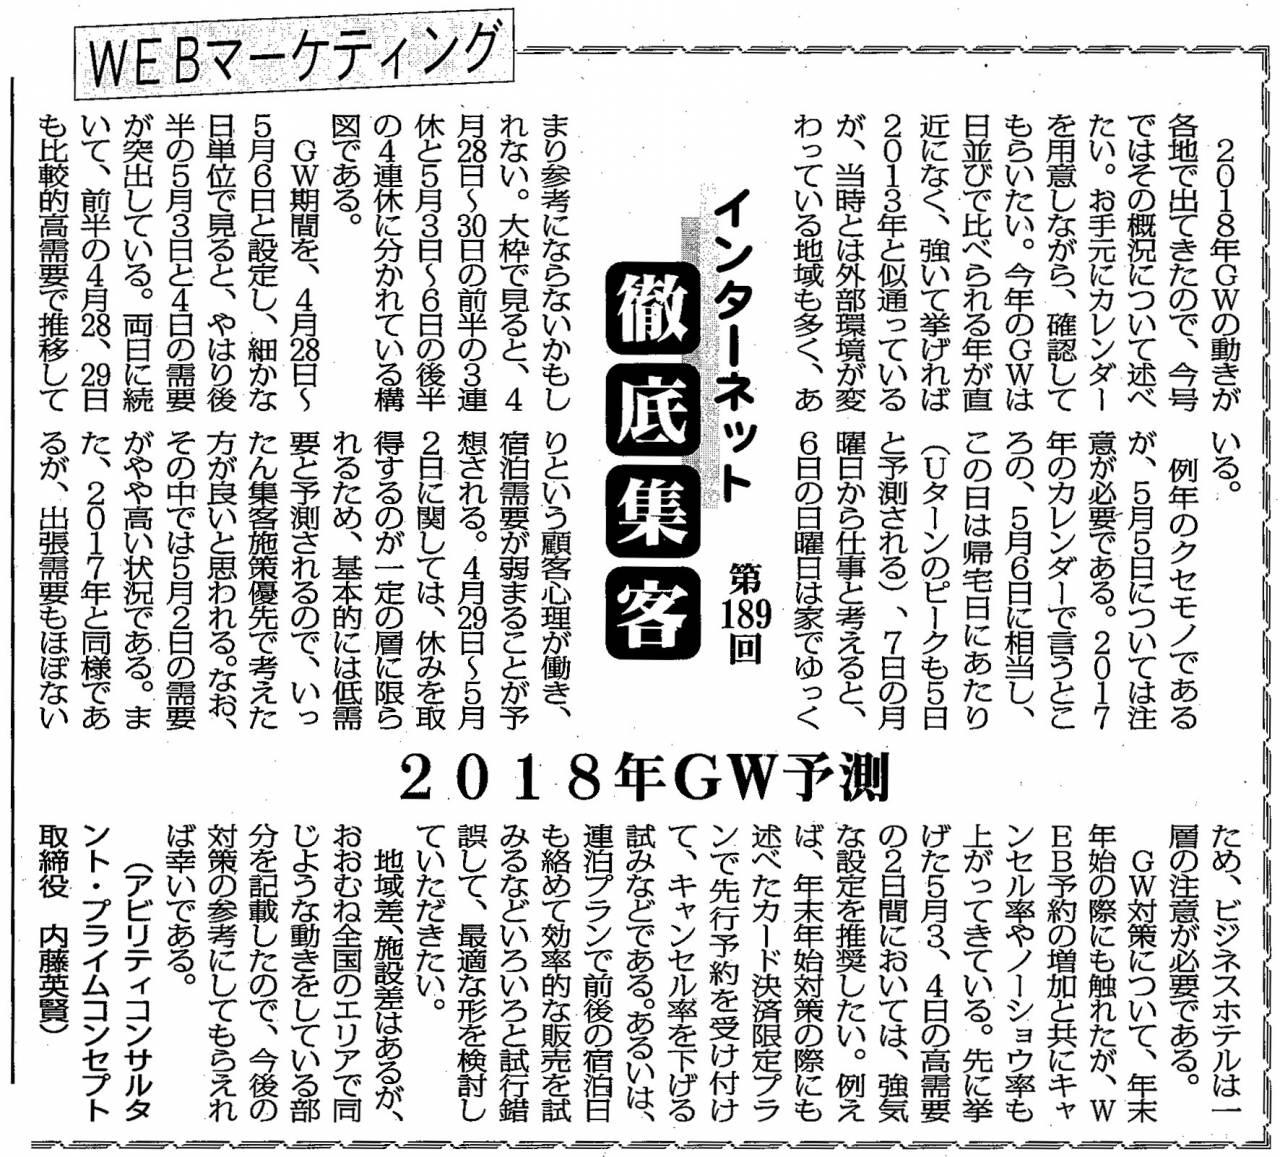 【第189回】WEBマーケティング インターネット徹底集客 (2018年GW予測)